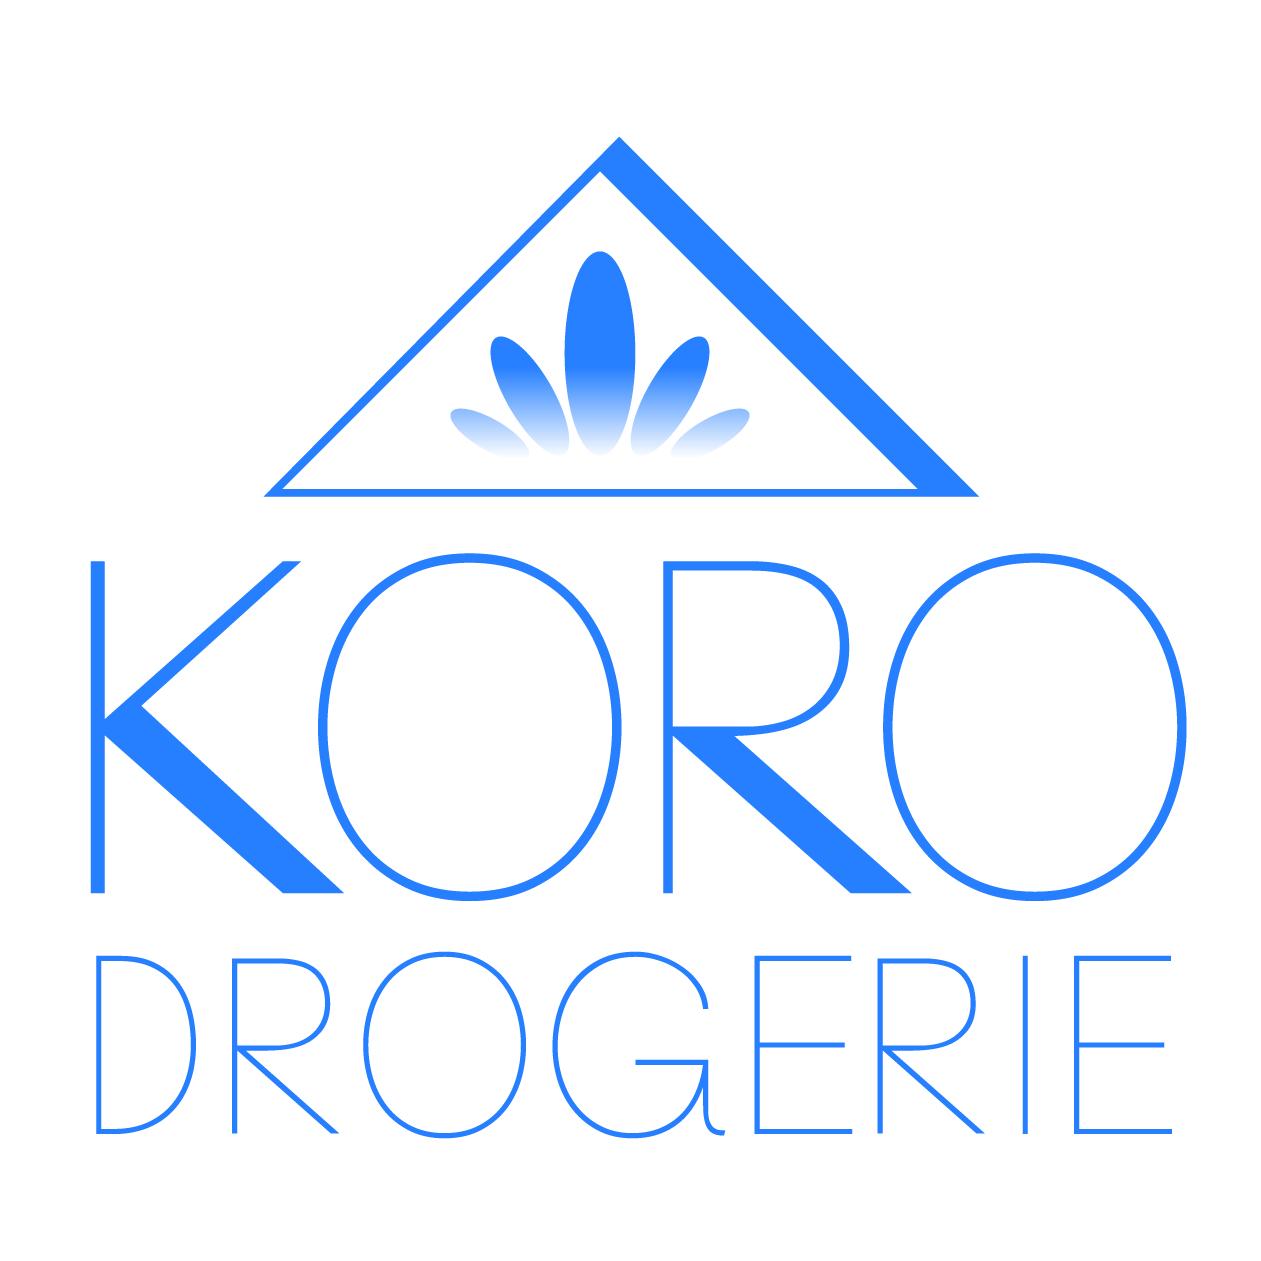 koro-logo06-png